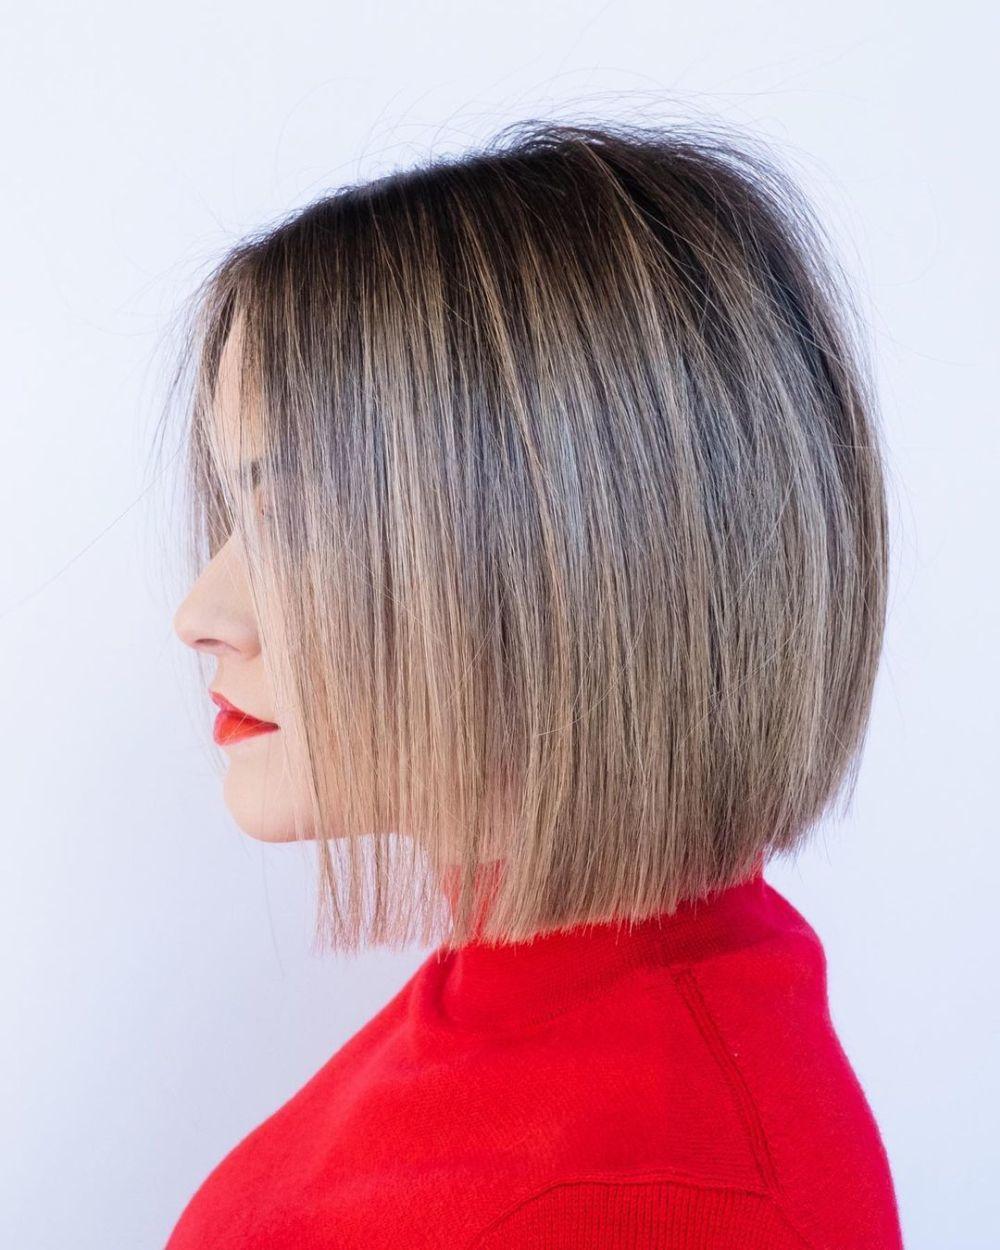 El paper cut bob ligeramente inclinado en la zona delantera de la melena, ideal para dar la sensación de pelo más grueso.